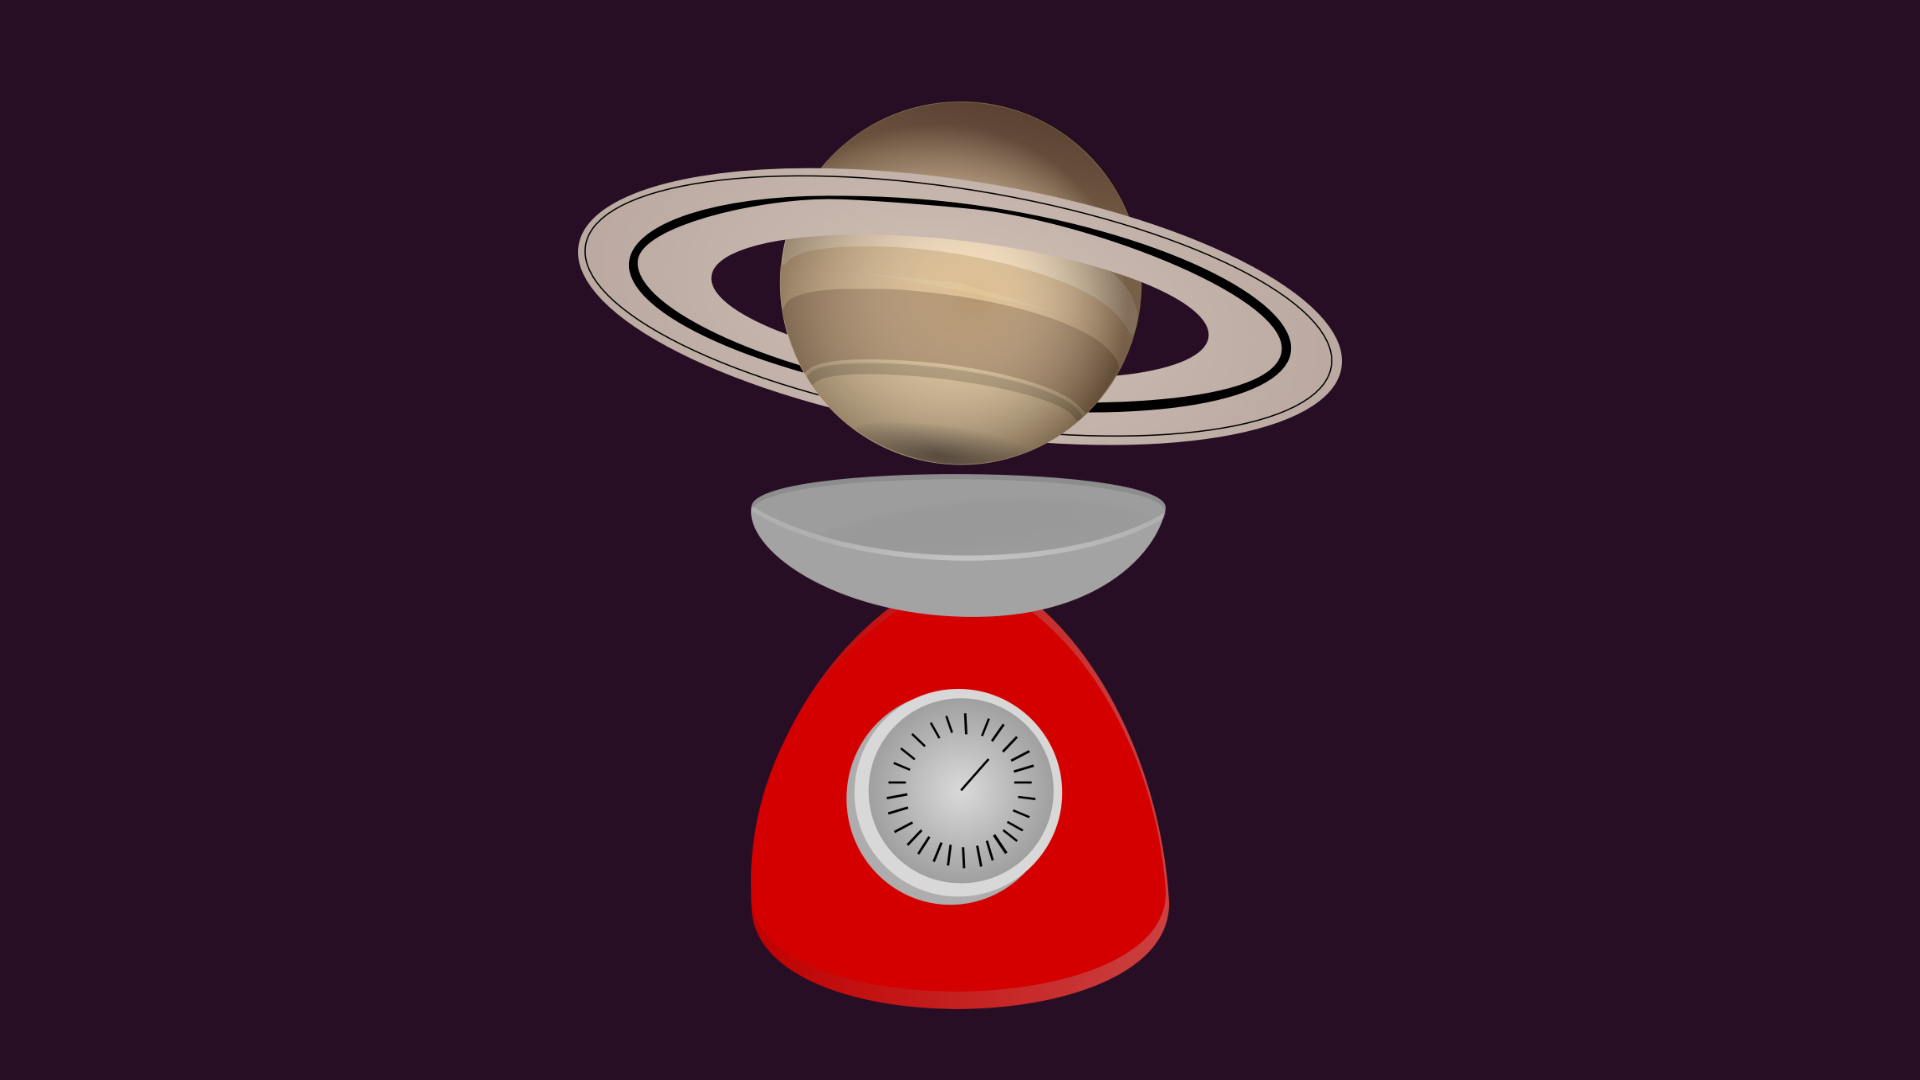 Comment mesure-t-on la masse des planètes, puisqu'on ne peut pas les peser ?